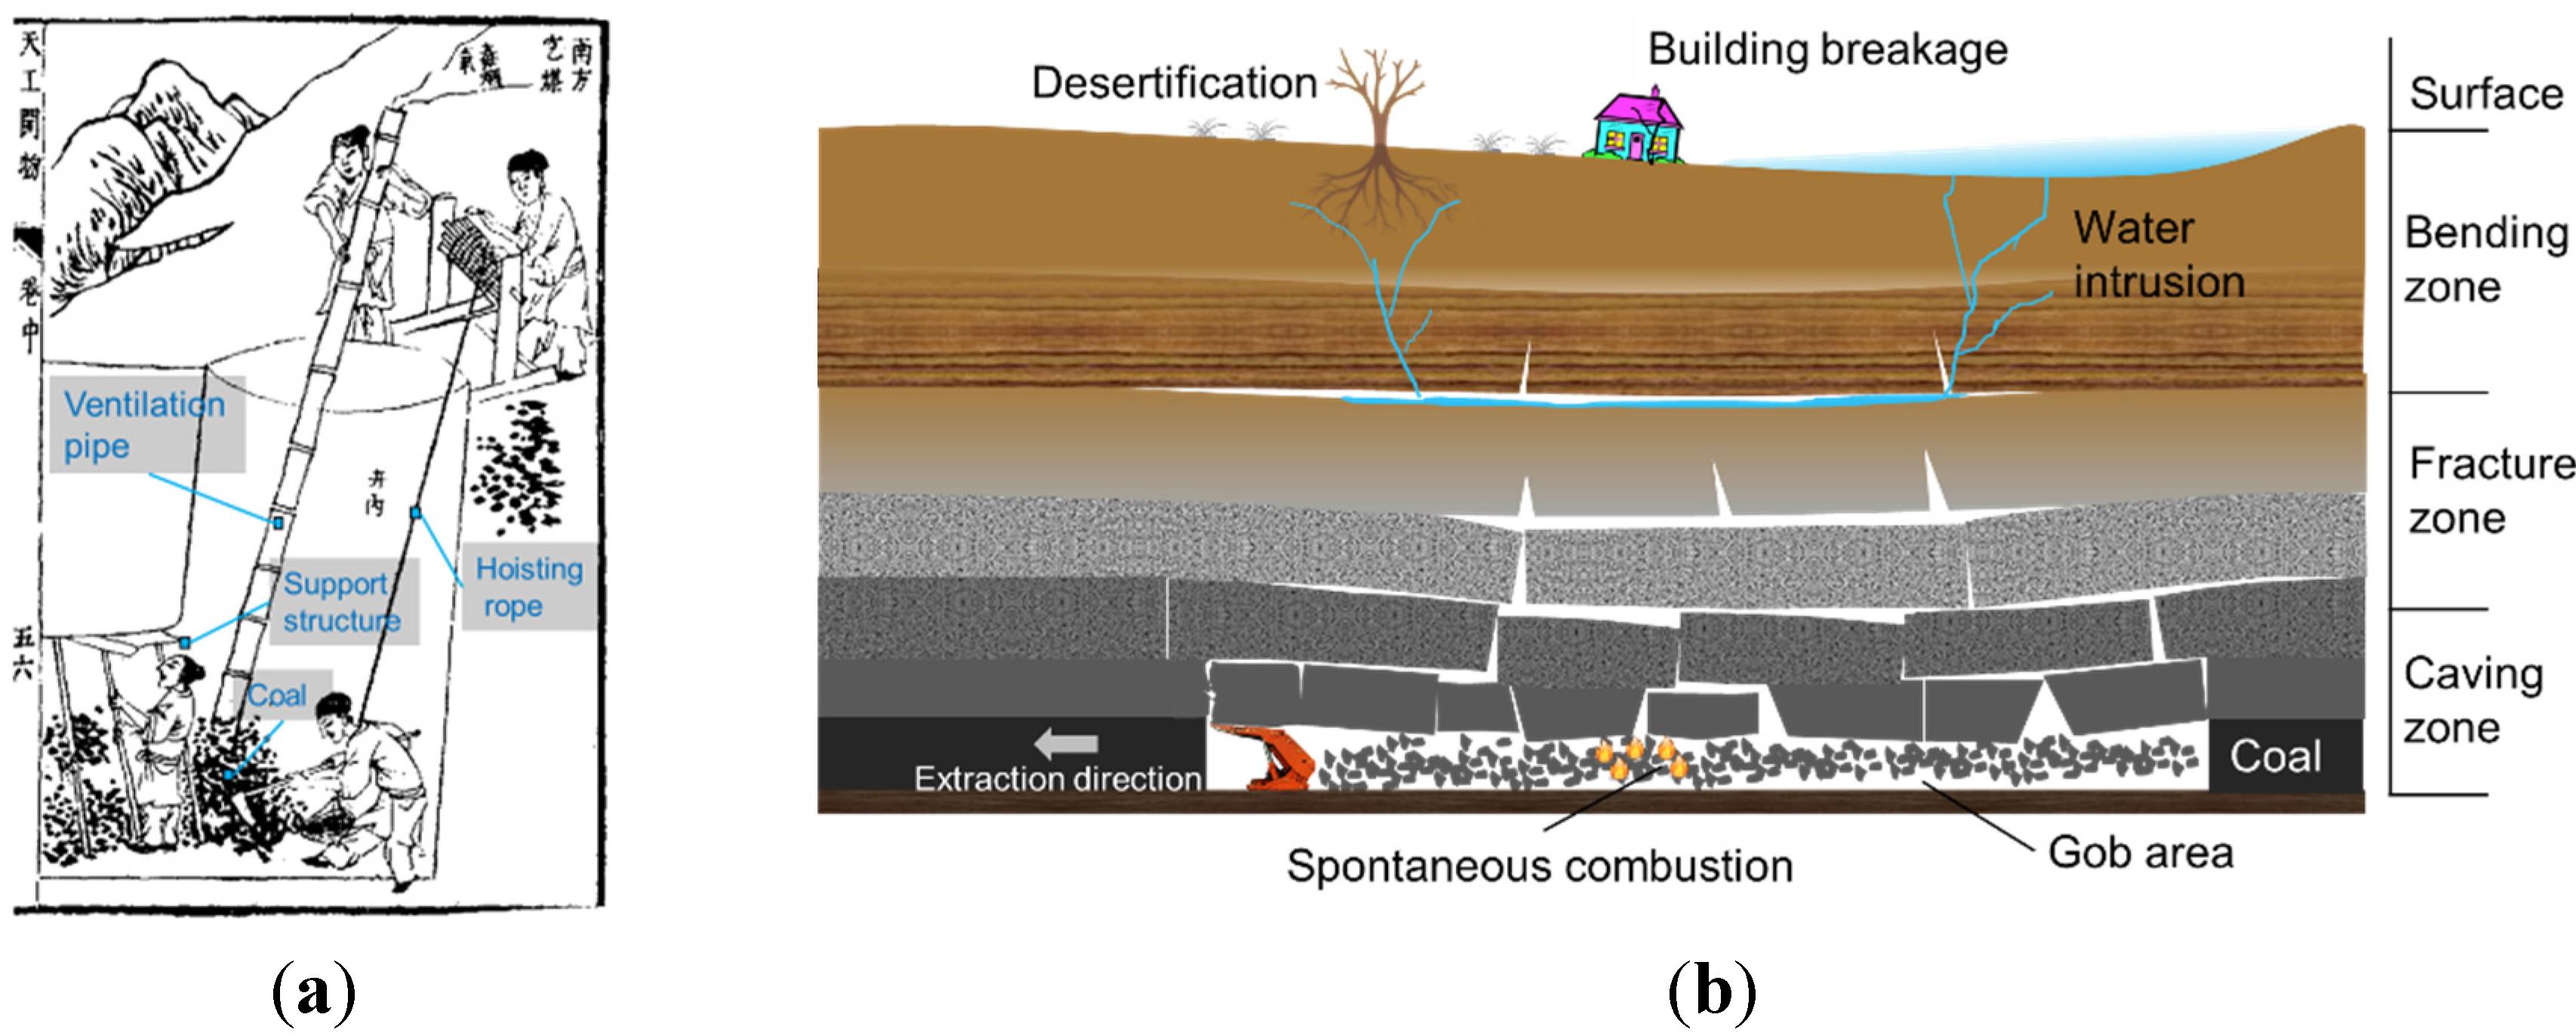 underground mine planning and design pdf